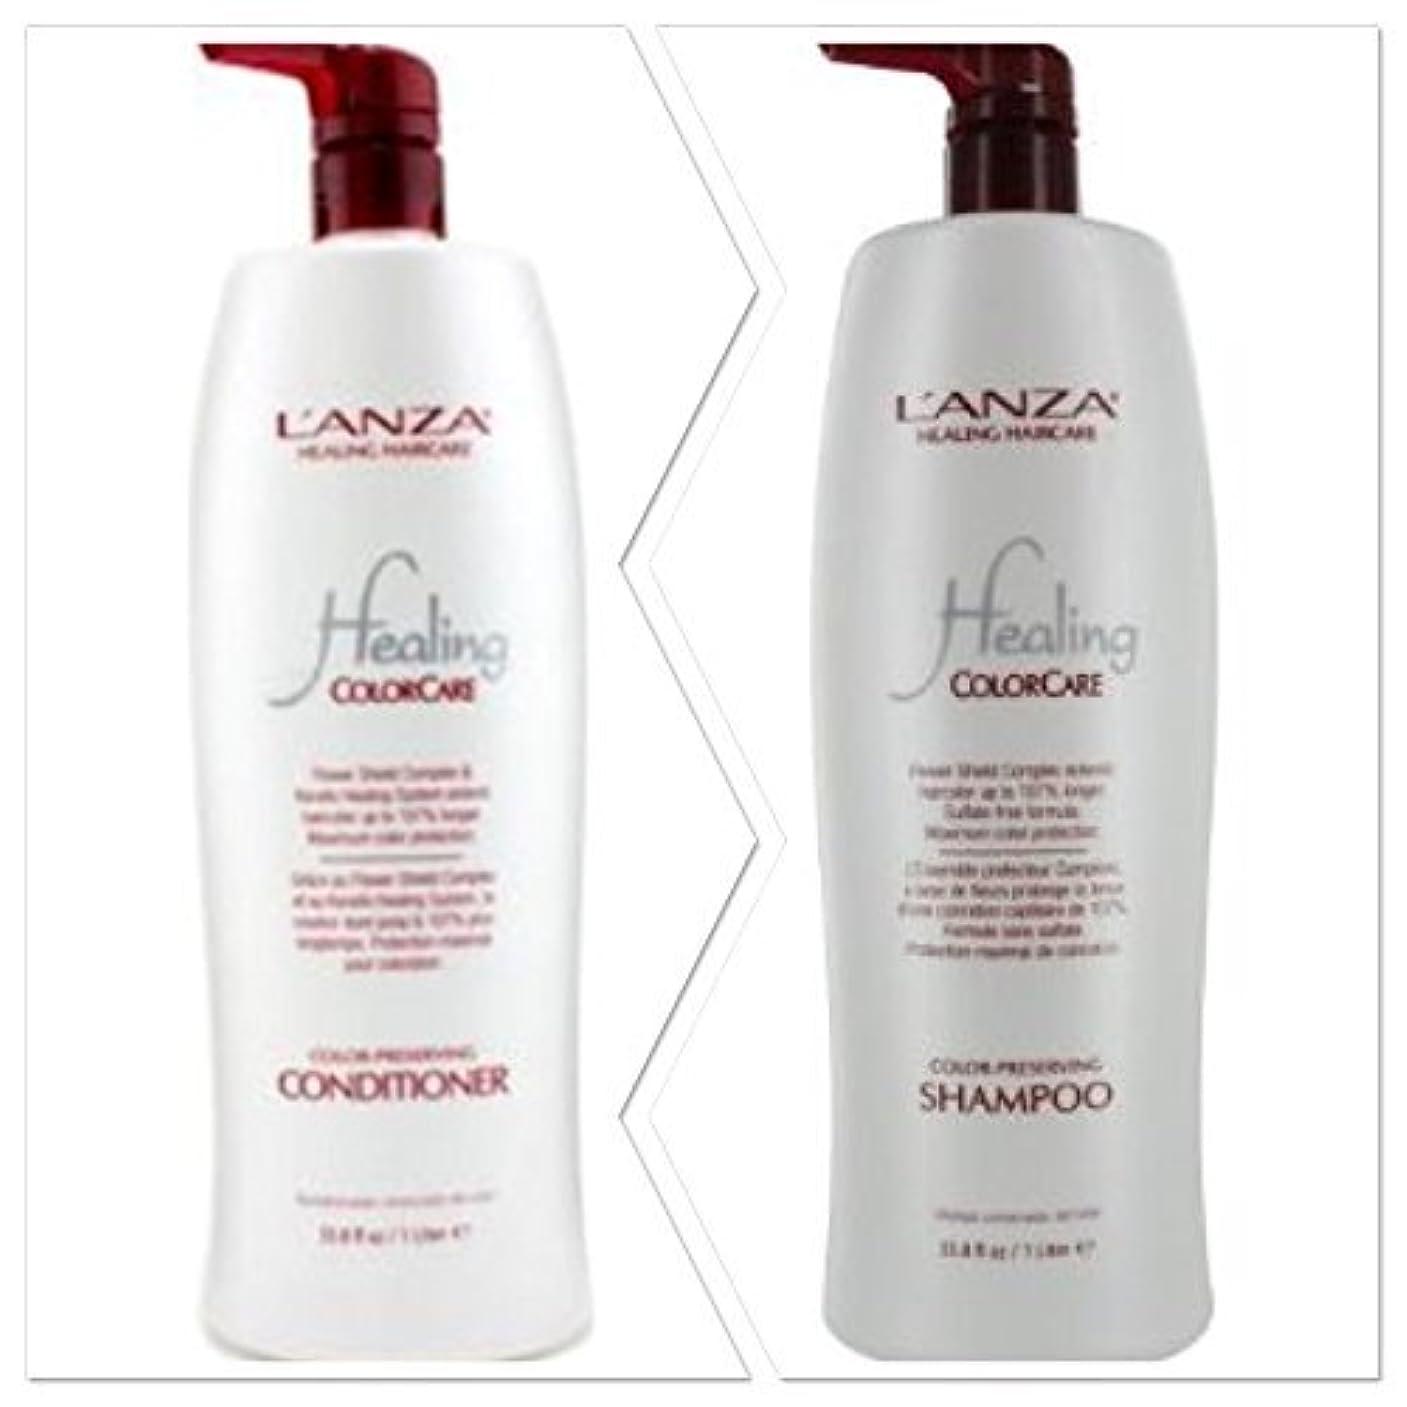 最もブロッサム行為L'anza Healing Colorcare Color-preserving Shampoo + Conditioner Dou (33.8 oz (1Liter)) by L'anza